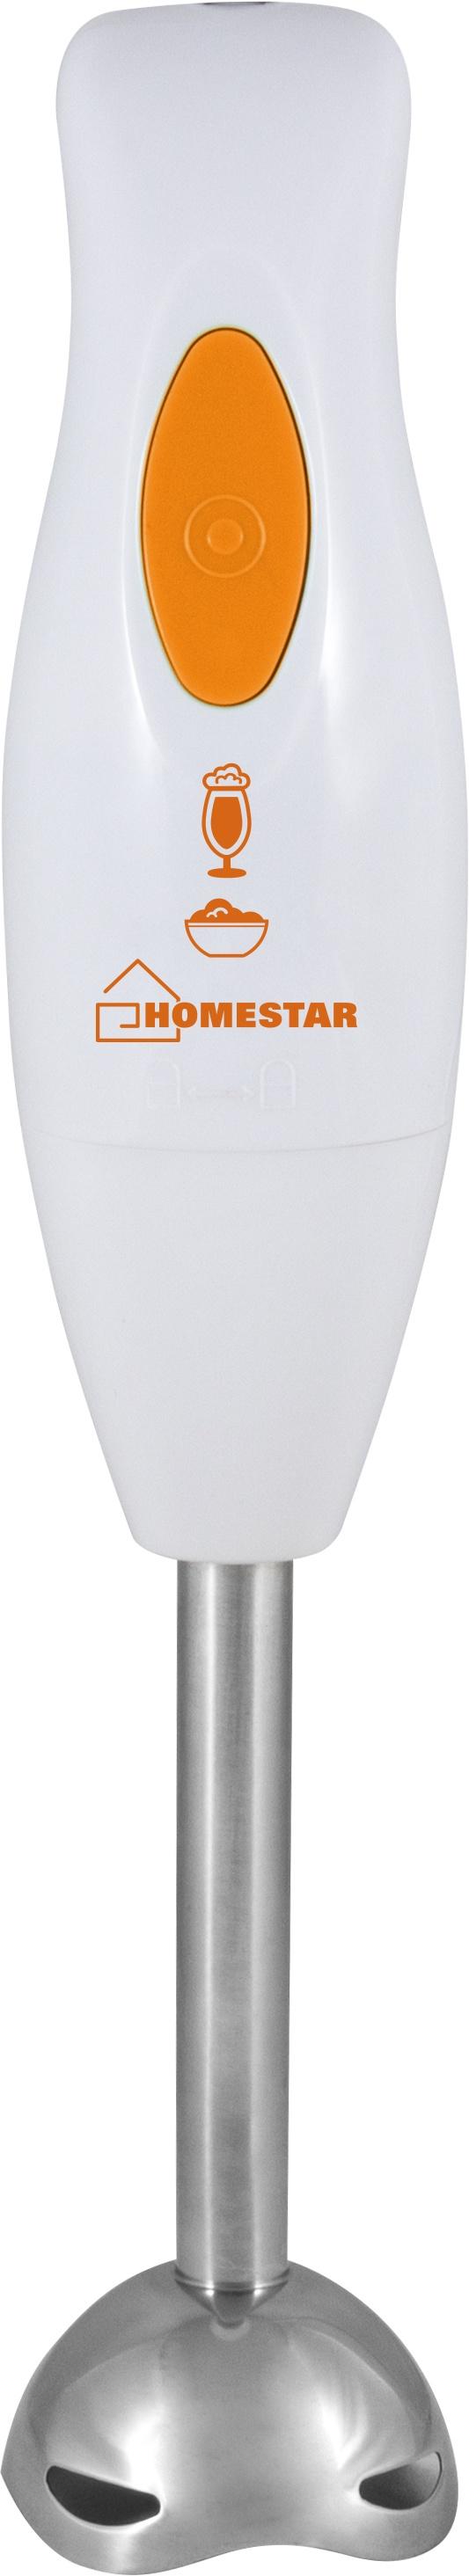 Блендер погружной HOMESTAR HS-2017, 54 004088, бело-оранжевый блендер погружной saturn st fp8063 300вт белый